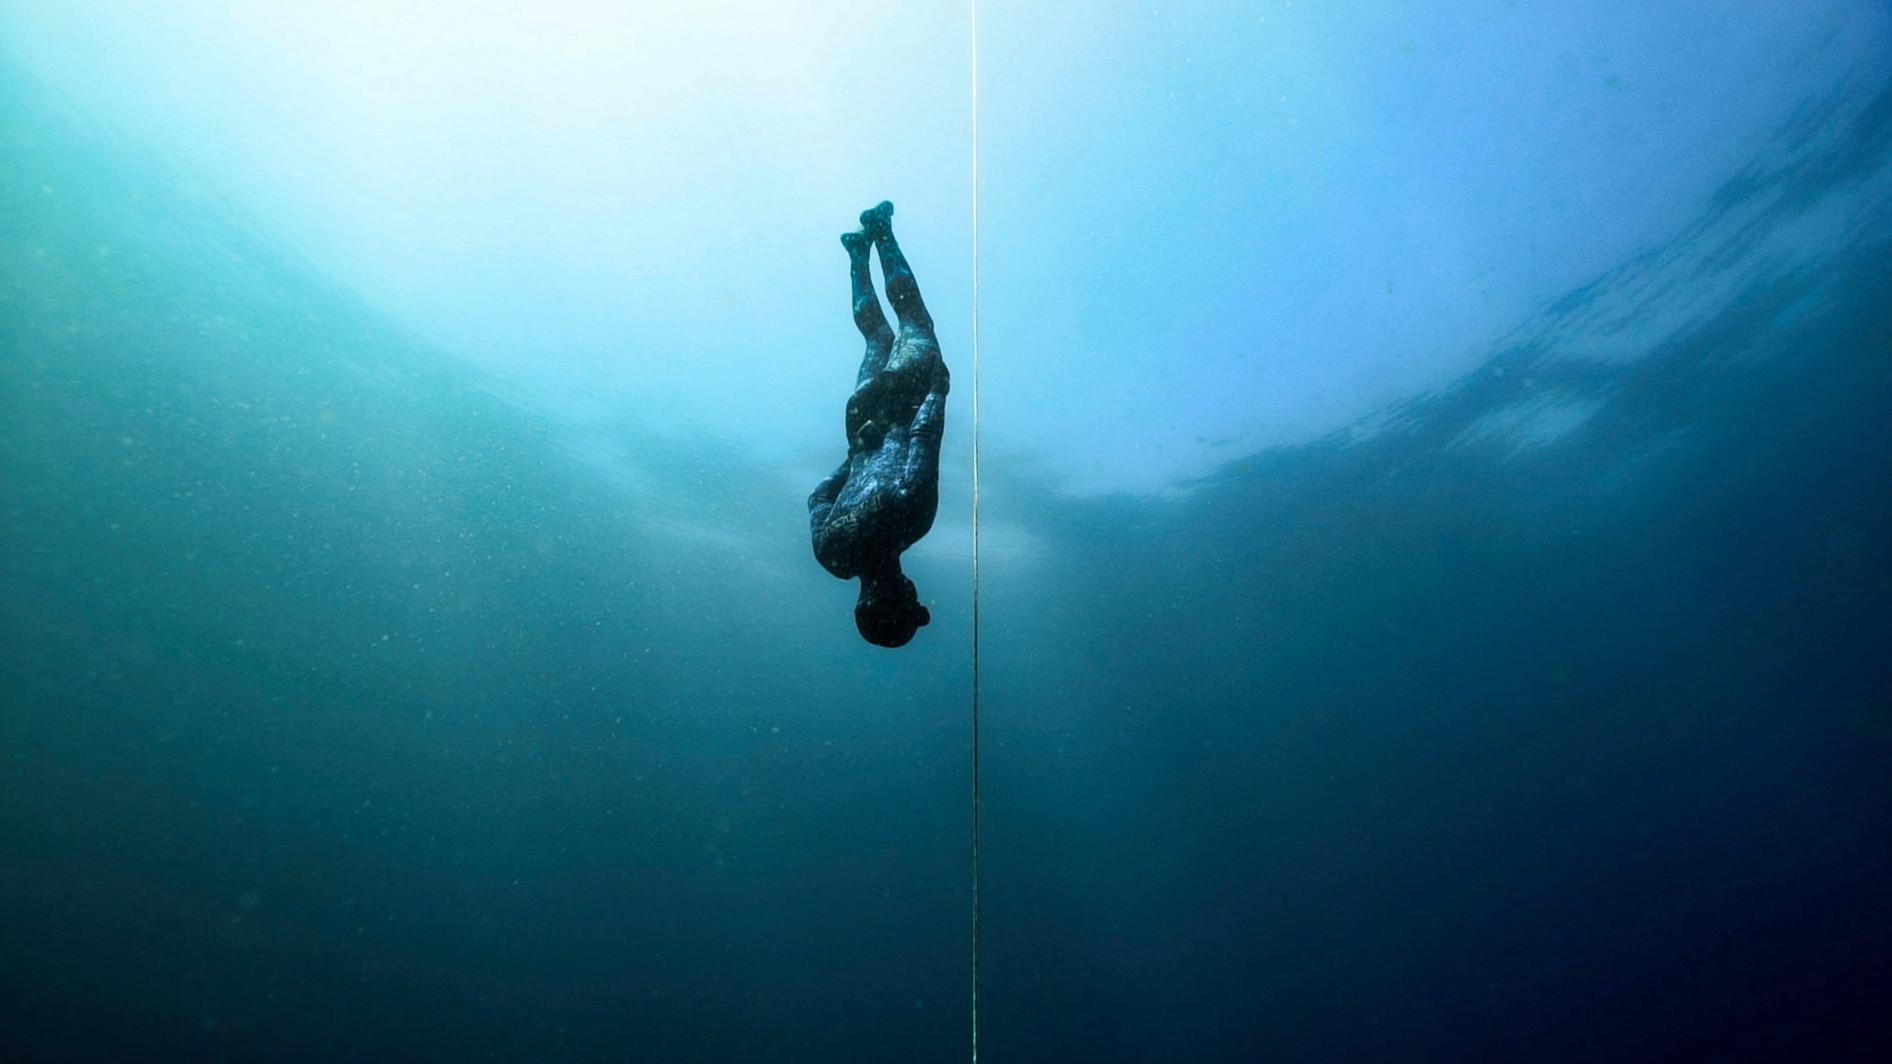 ocean freediving